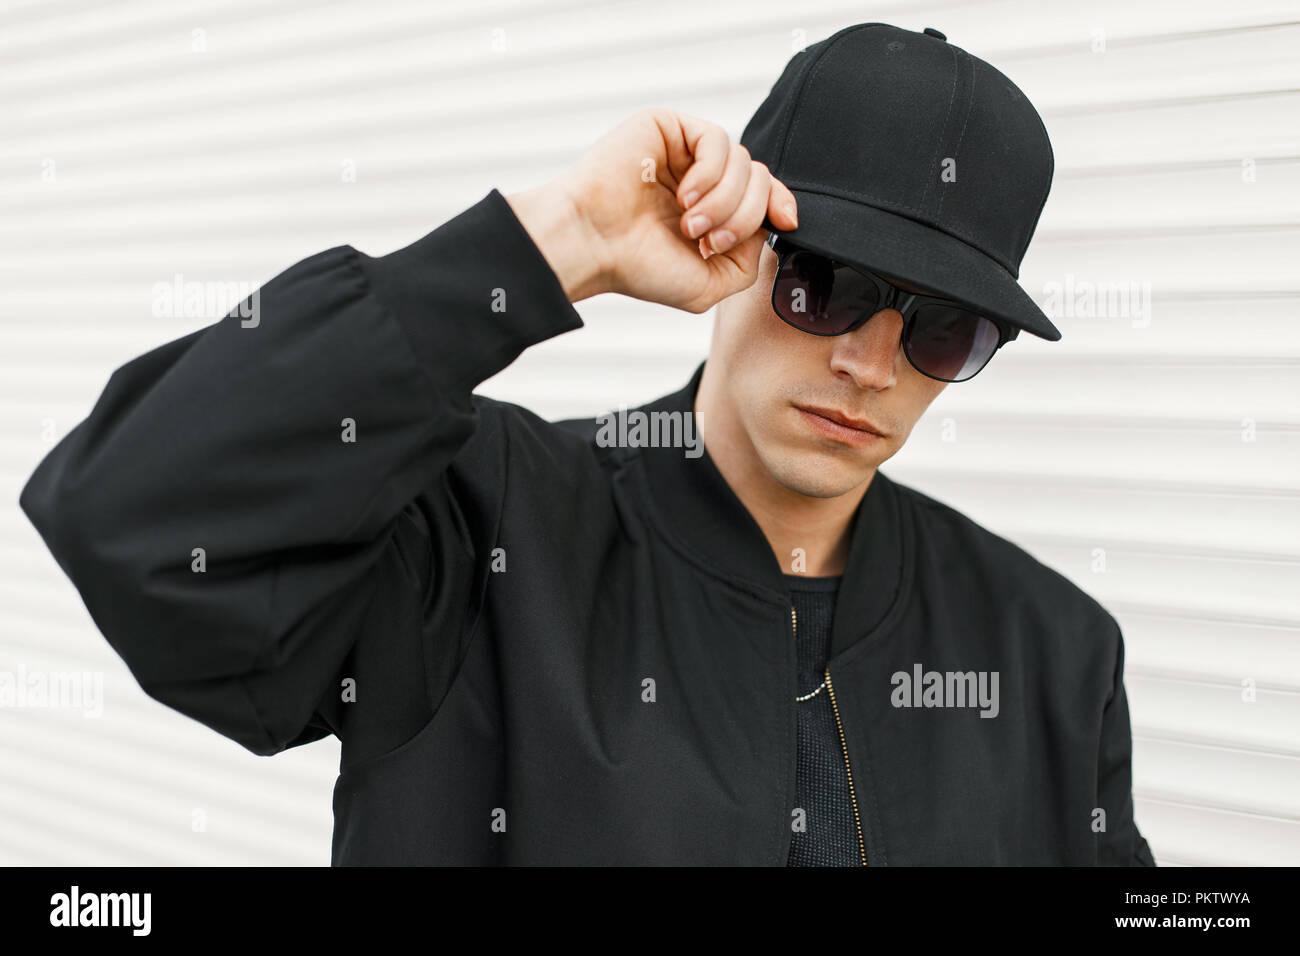 Uomo bello con nero occhiali alla moda e un nero cappello da